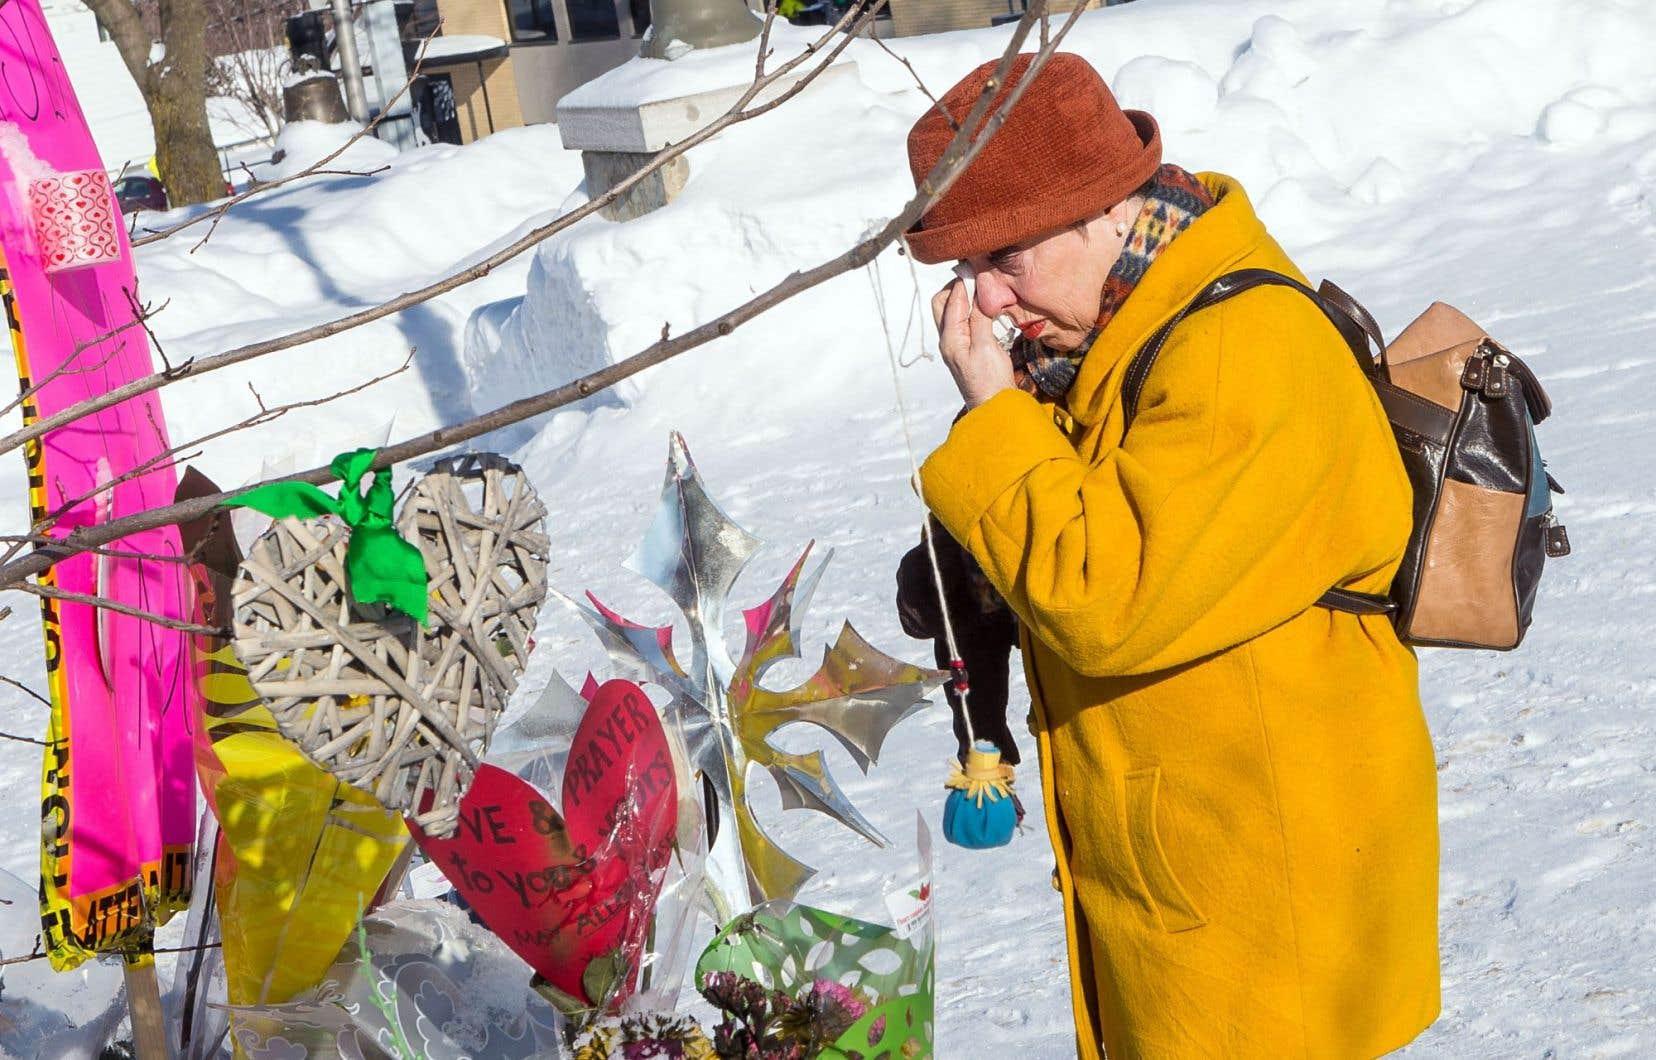 Des drames comme la fusillade à la mosquée de Québec «deviennent porteurs d'un ensemble de combats, de principes, de valeurs à défendre et à transmettre».